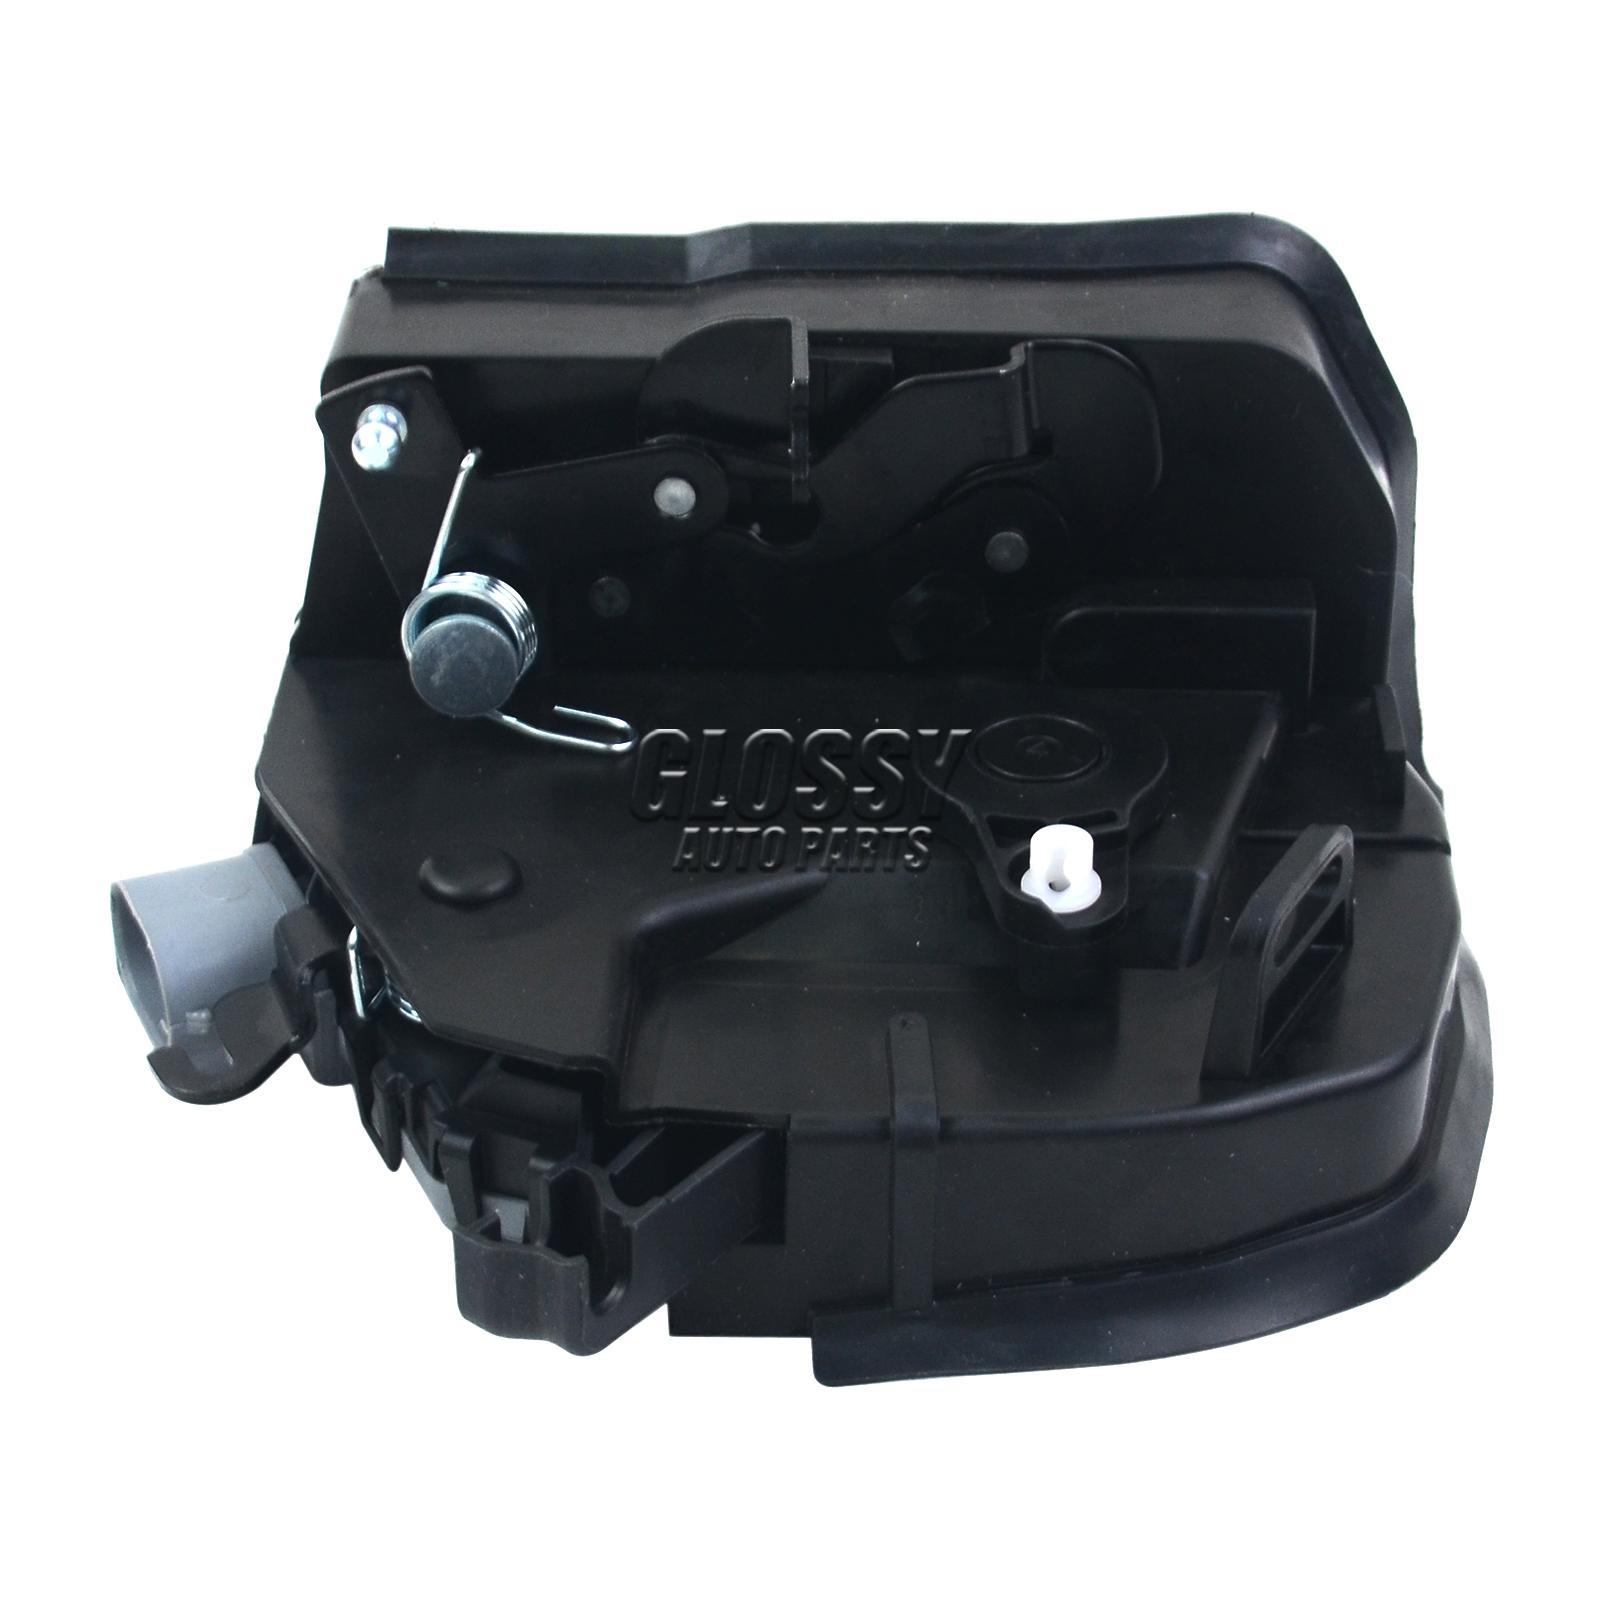 AP03 51218402540 Motor Atuador Fechadura Da Porta do Passageiro Dianteiro Direito Para BMW E53 X5 3.0i 4.4i 4.6is 4.8is 2000-2006